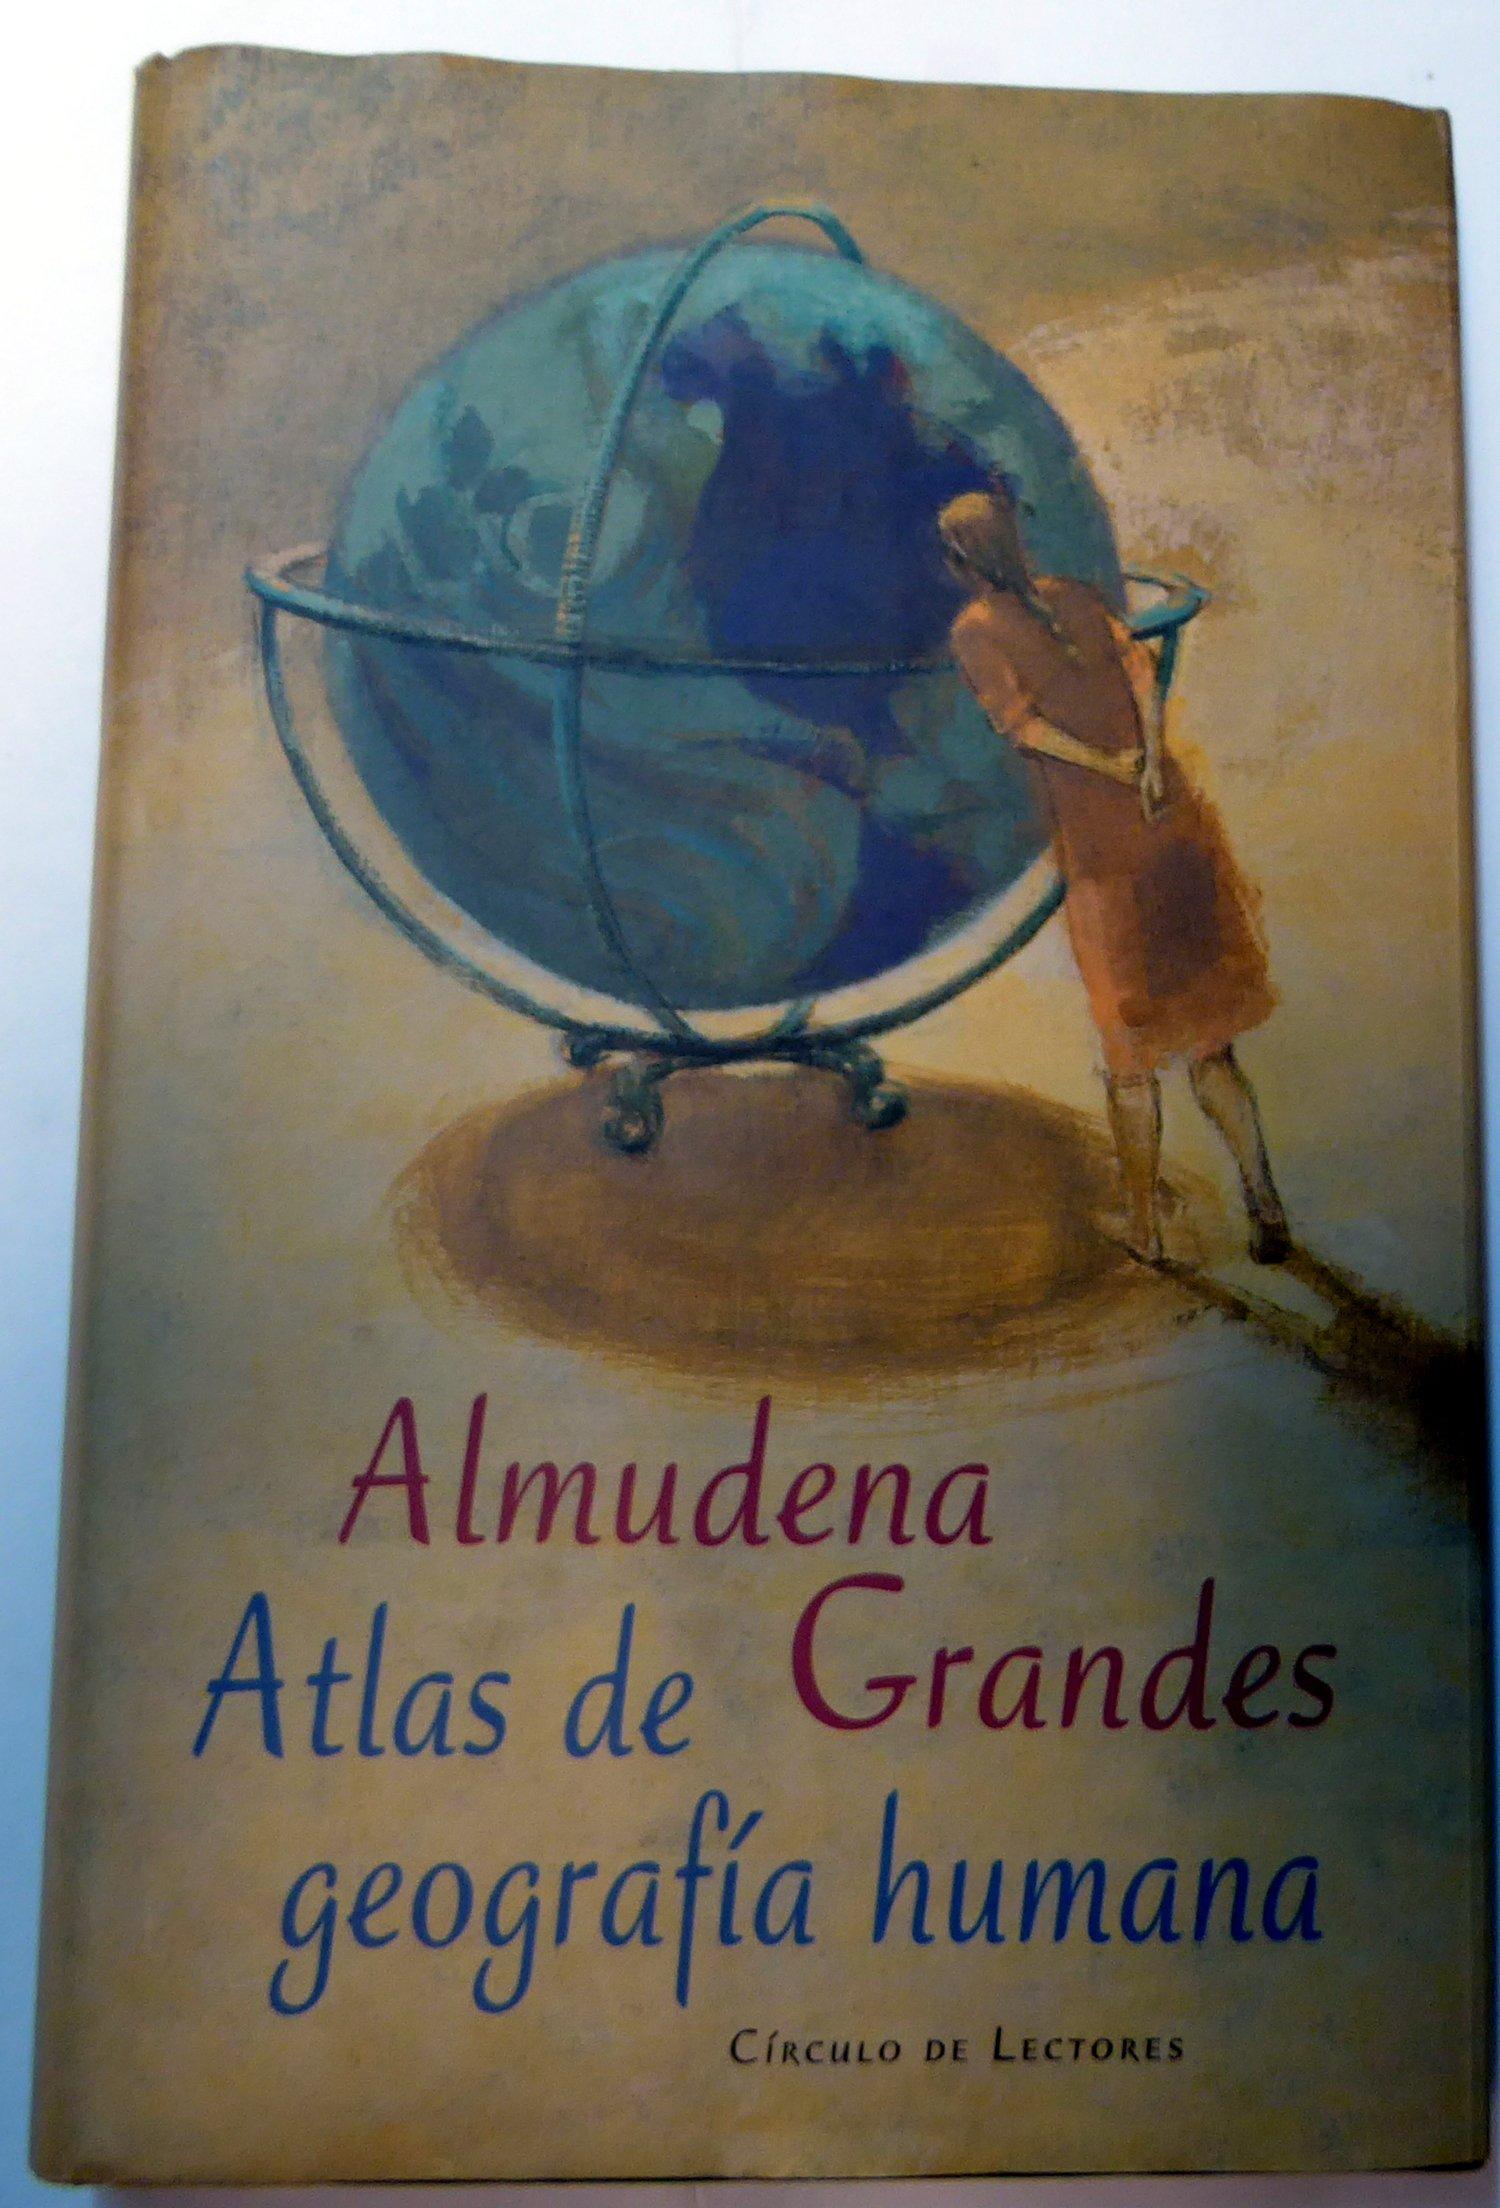 ATLAS DE GEOGRAFÍA HUMANA: Amazon.es: Grandes Hernández, Almudena: Libros